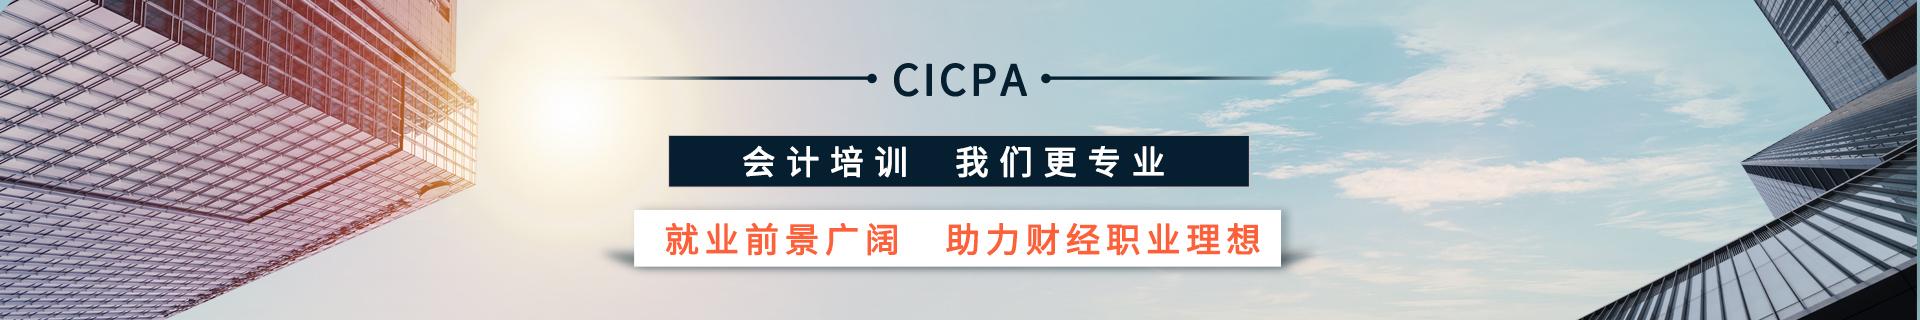 长沙CMA培训机构岳麓校区